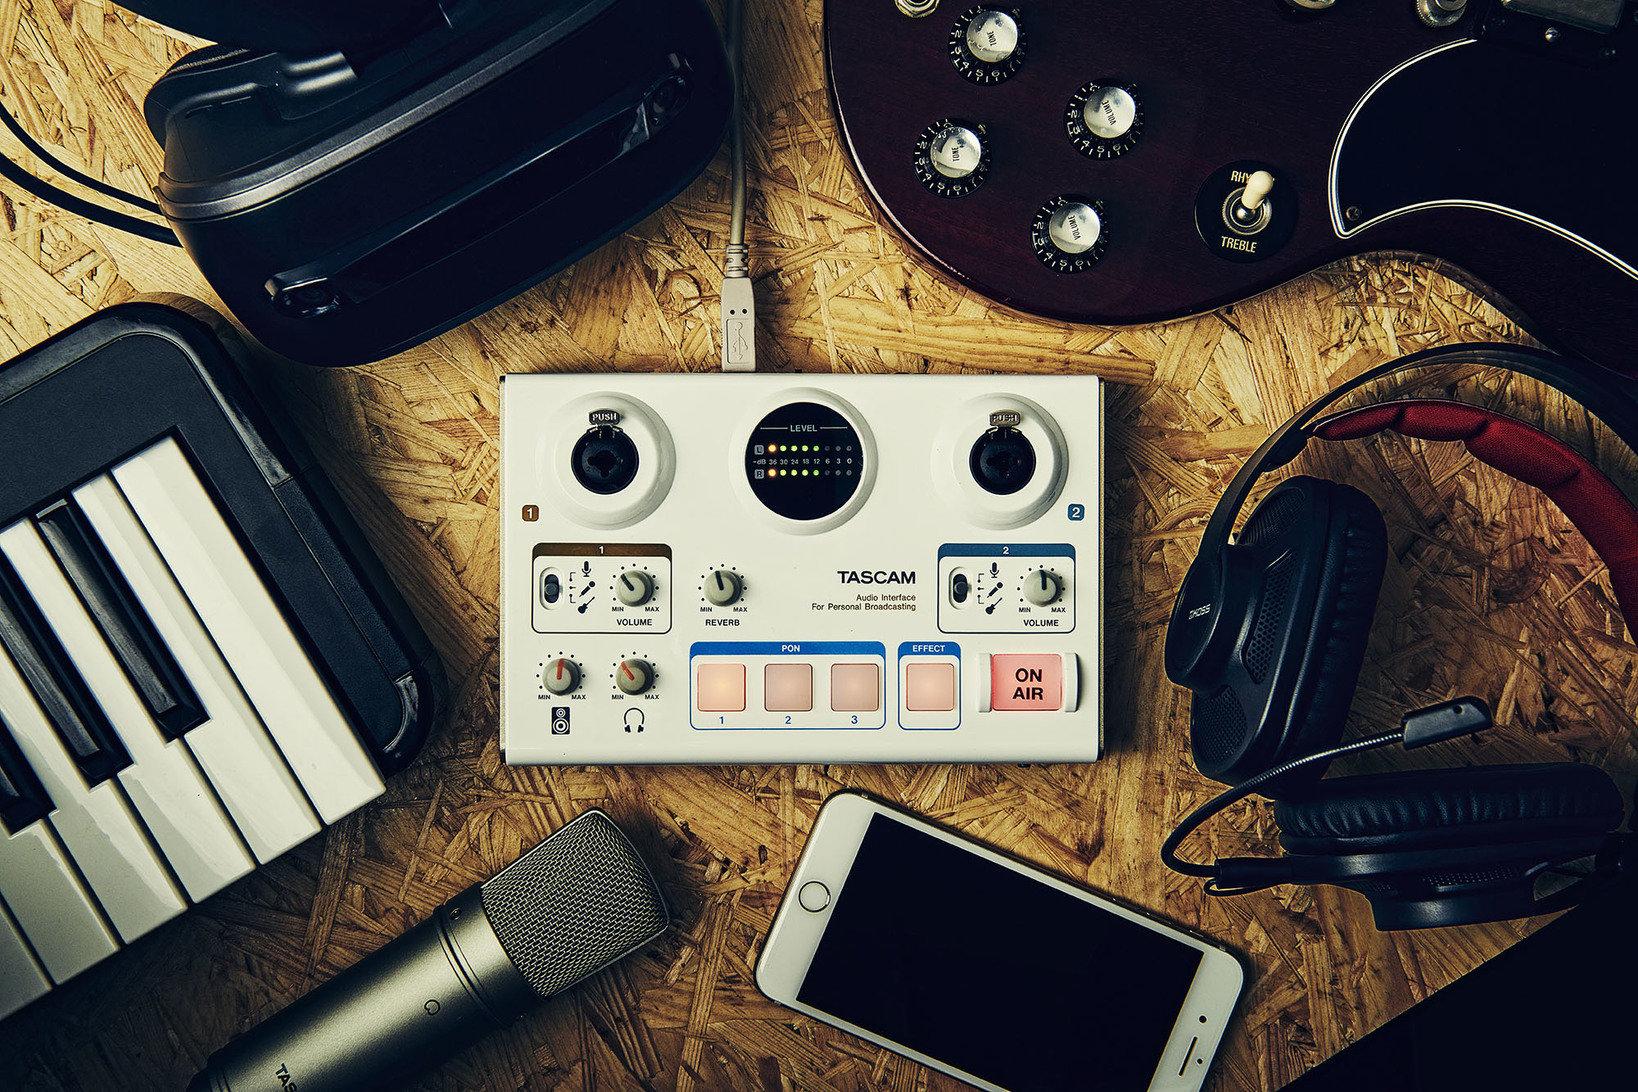 かんたん操作で各種ネット配信サービスを使った音声演出を楽しめる家庭用放送機器。 モード切り替えで配信/制作用途の双方に対応、マイク2本の同時使用が可能なモデル。